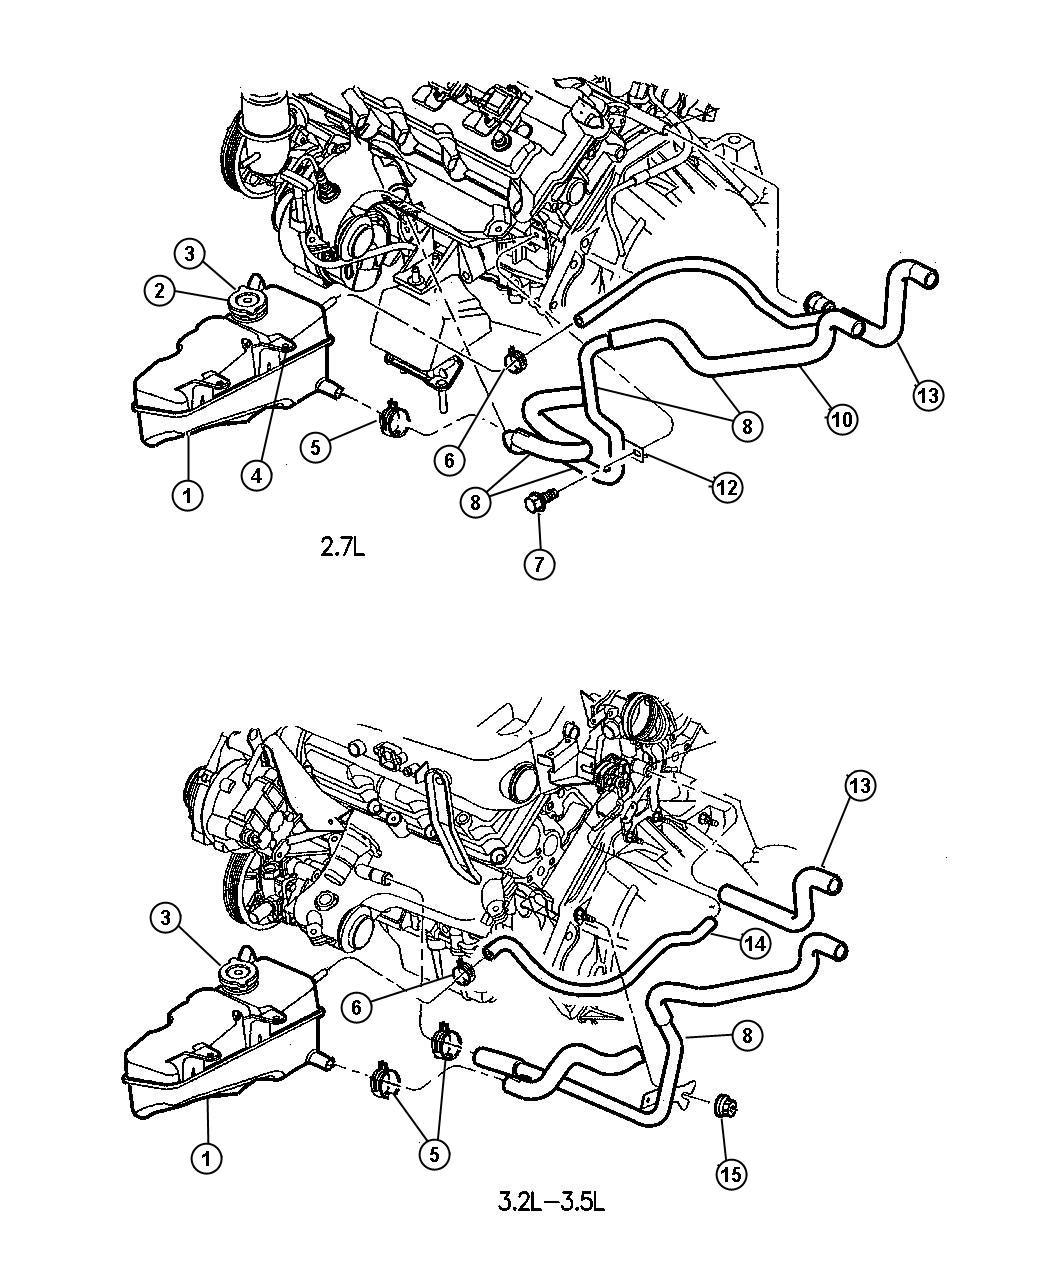 2001 Dodge Intrepid Cooling System Diagram